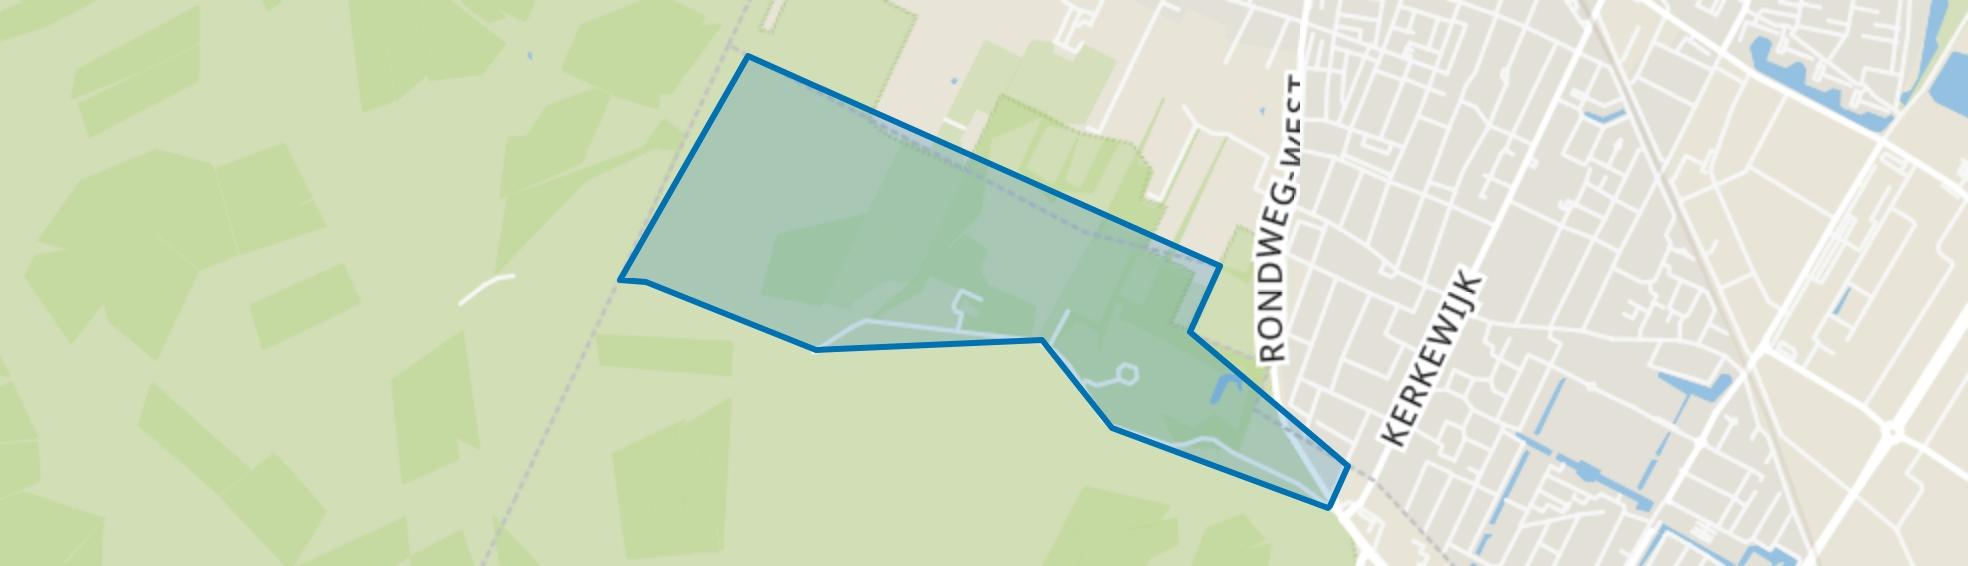 Prattenburg, Rhenen map